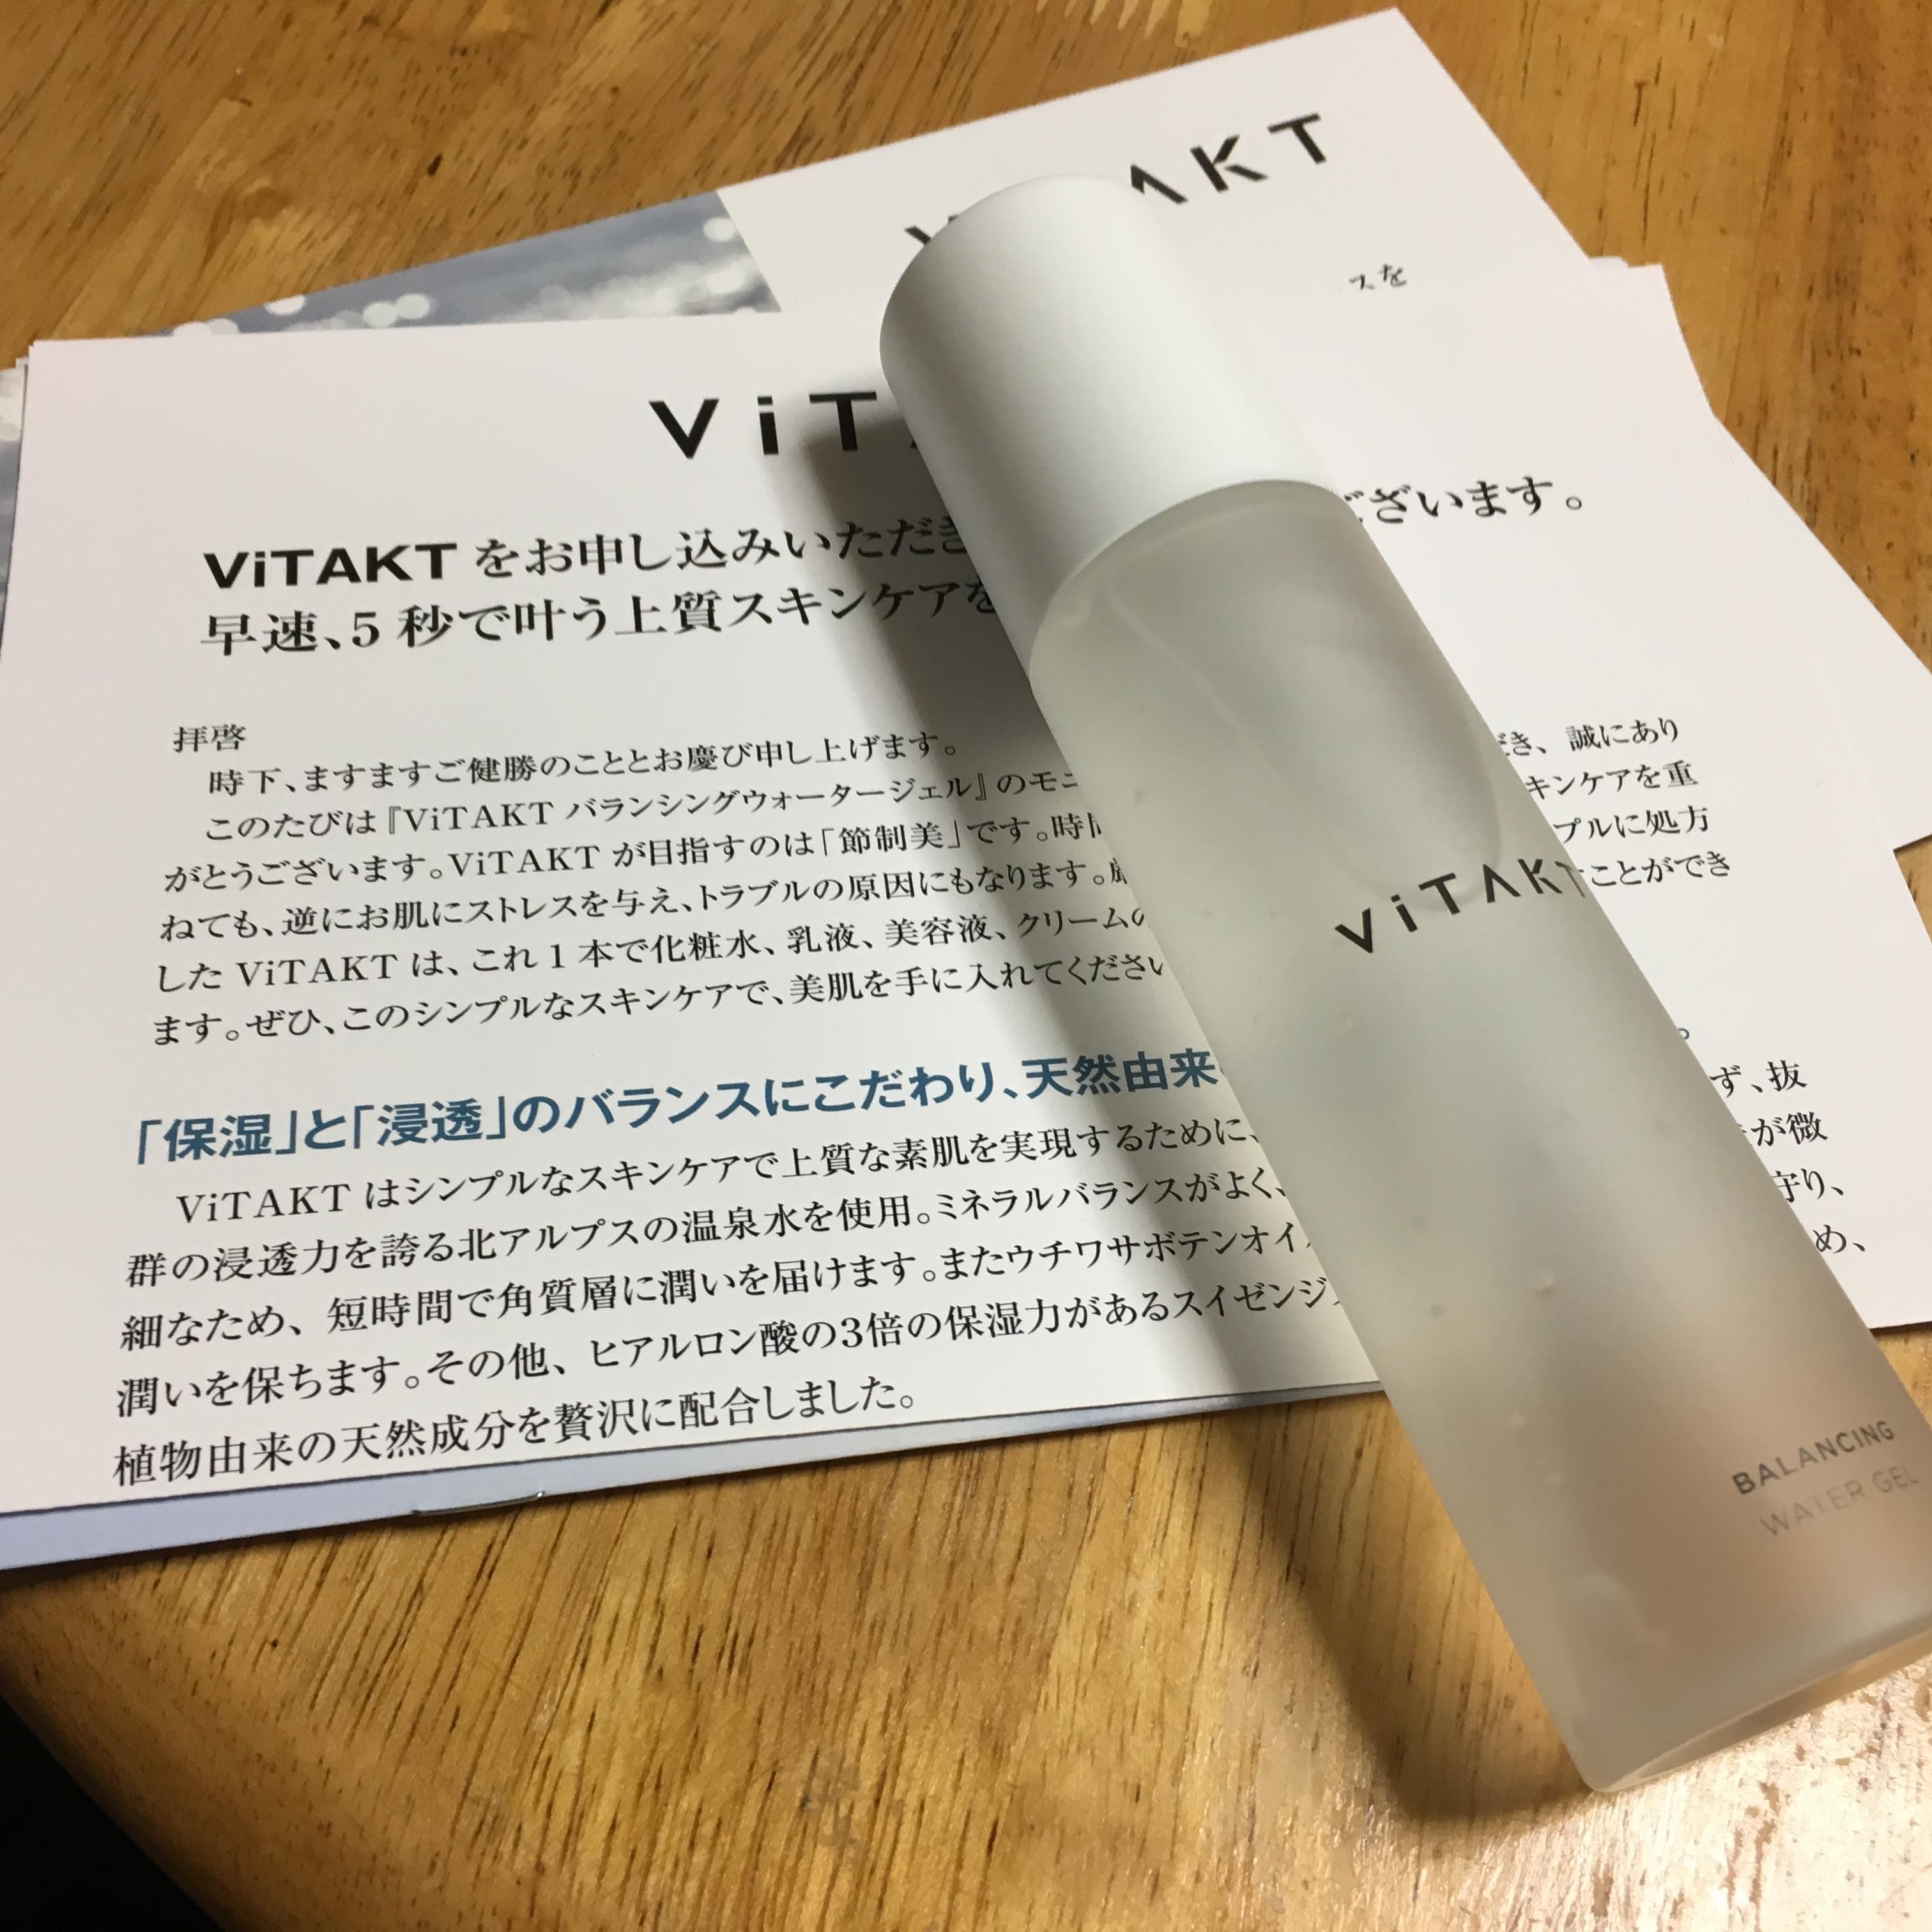 ヴィタクト(ViTAKT)